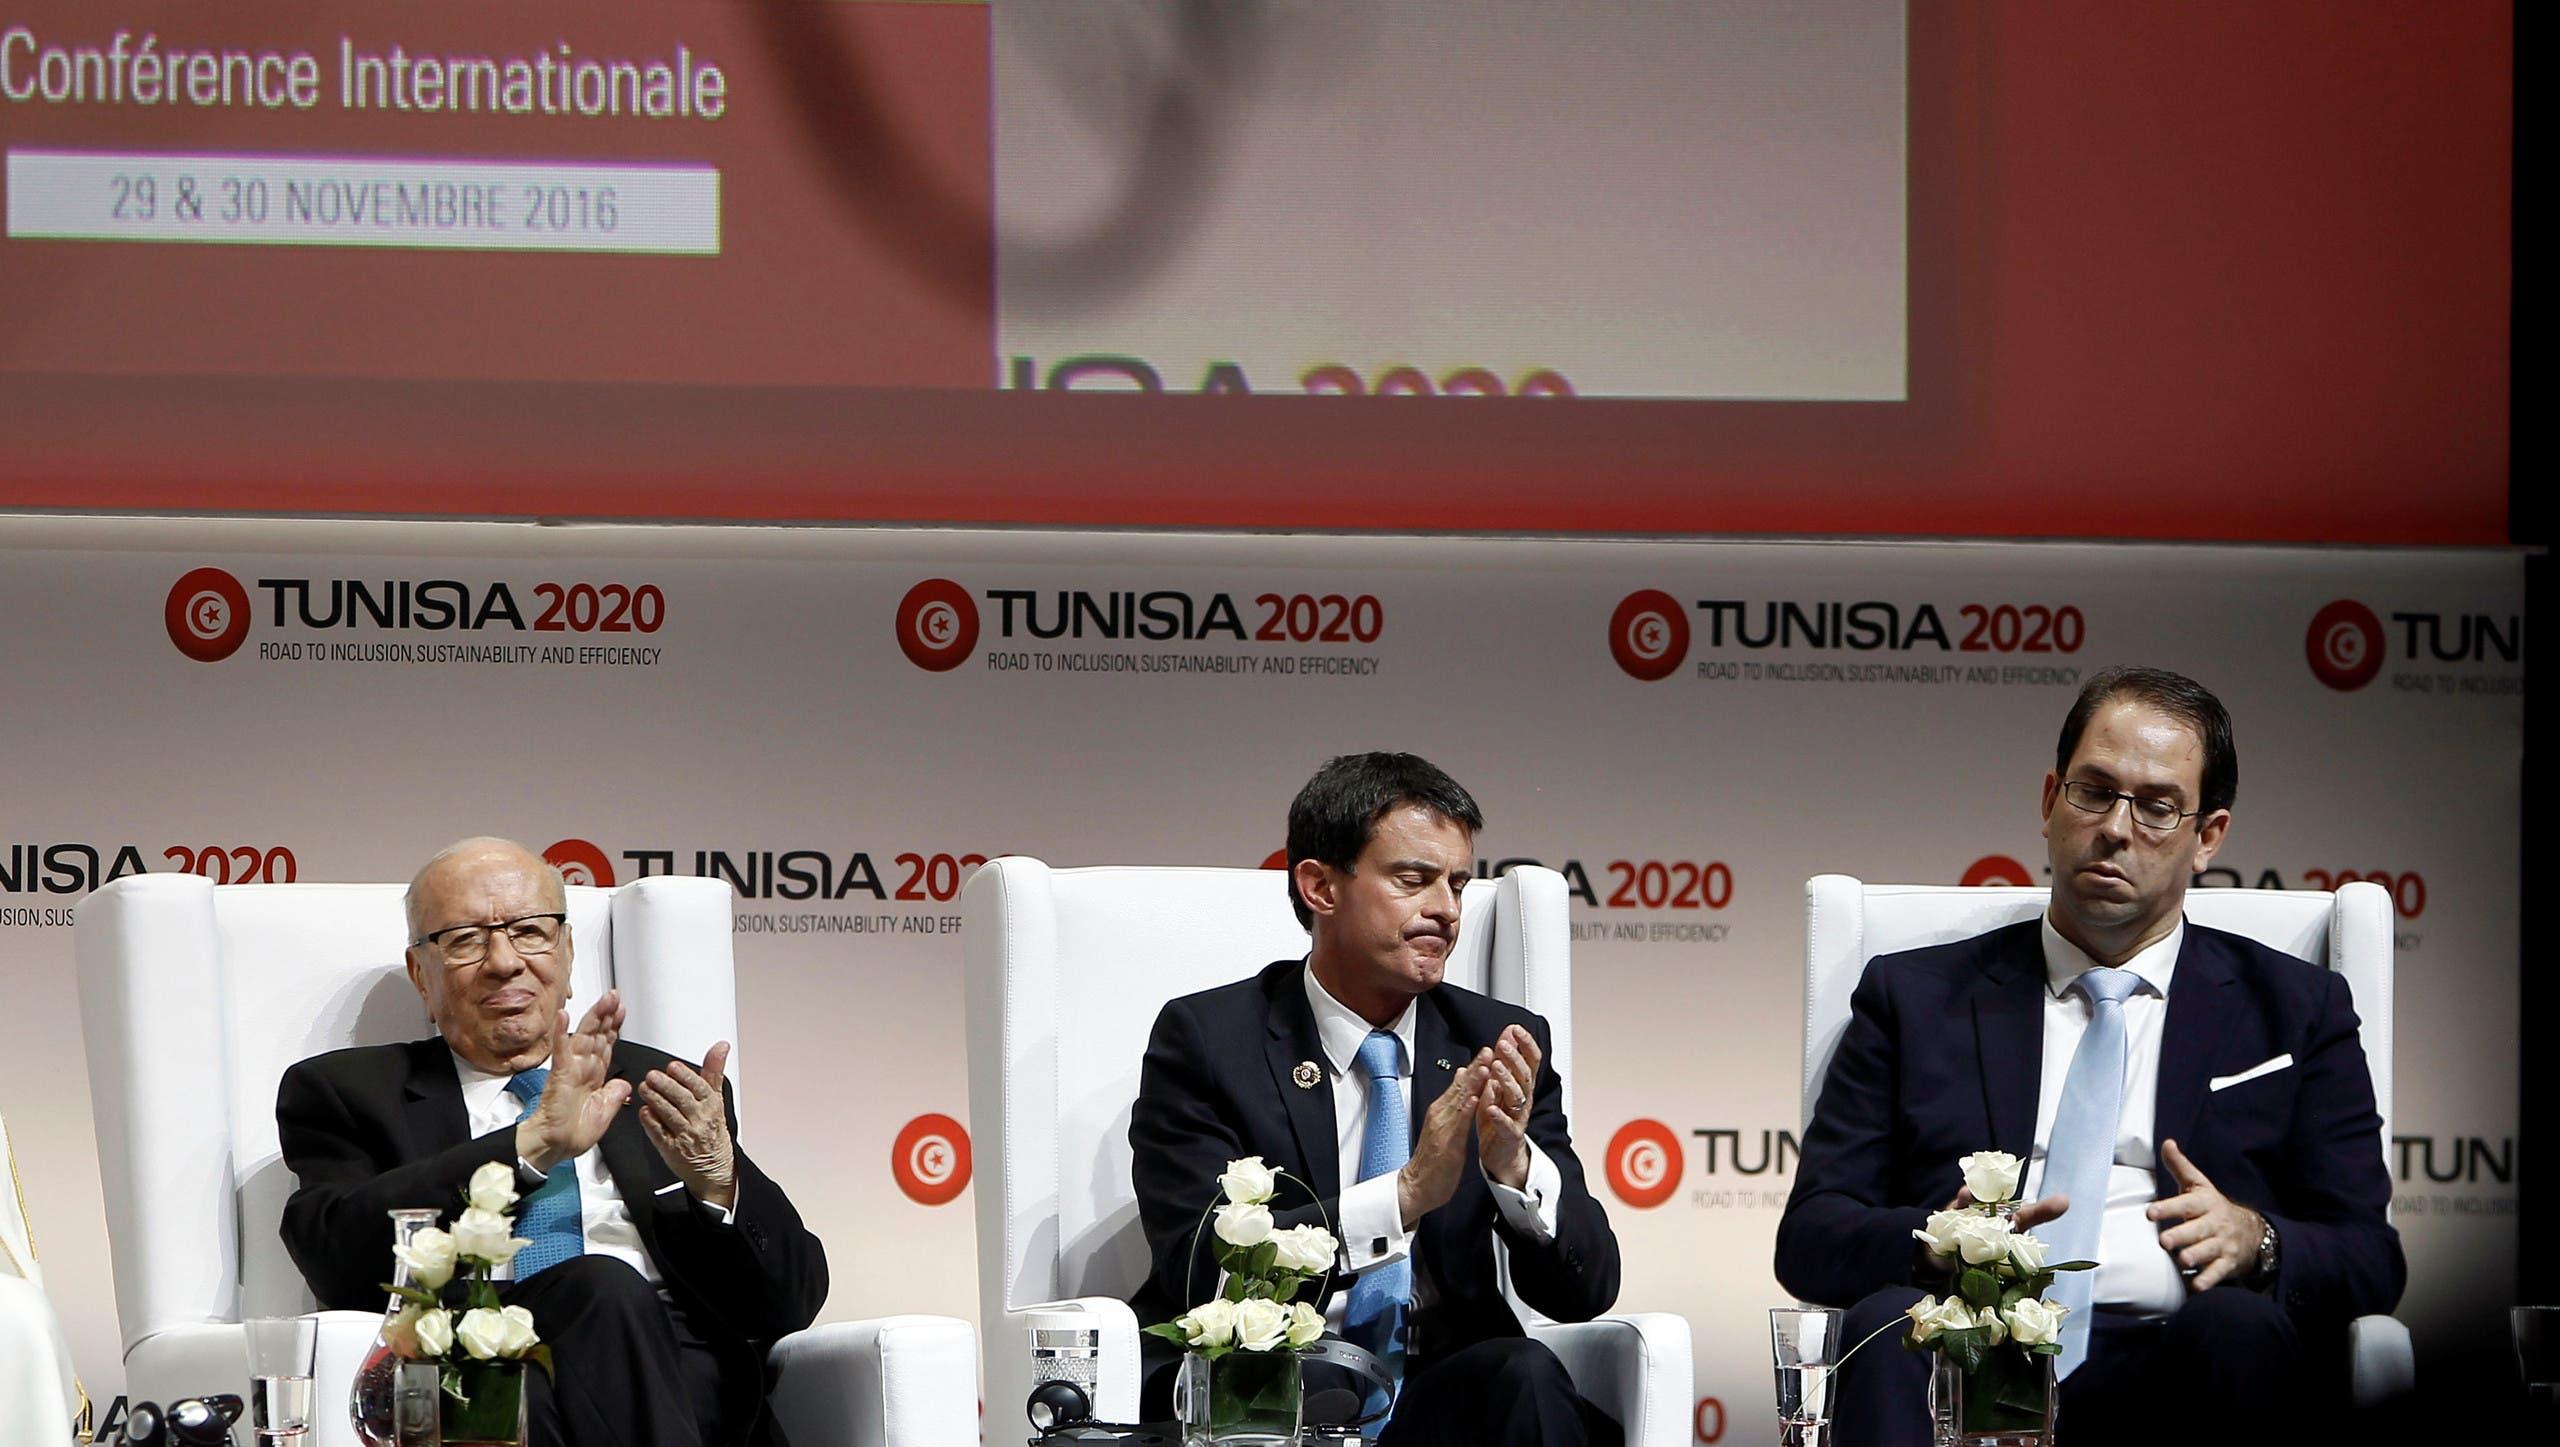 السبسي والشاهد مع رئيس الوزراء الفرنسي مانيول فالس في المؤتمر